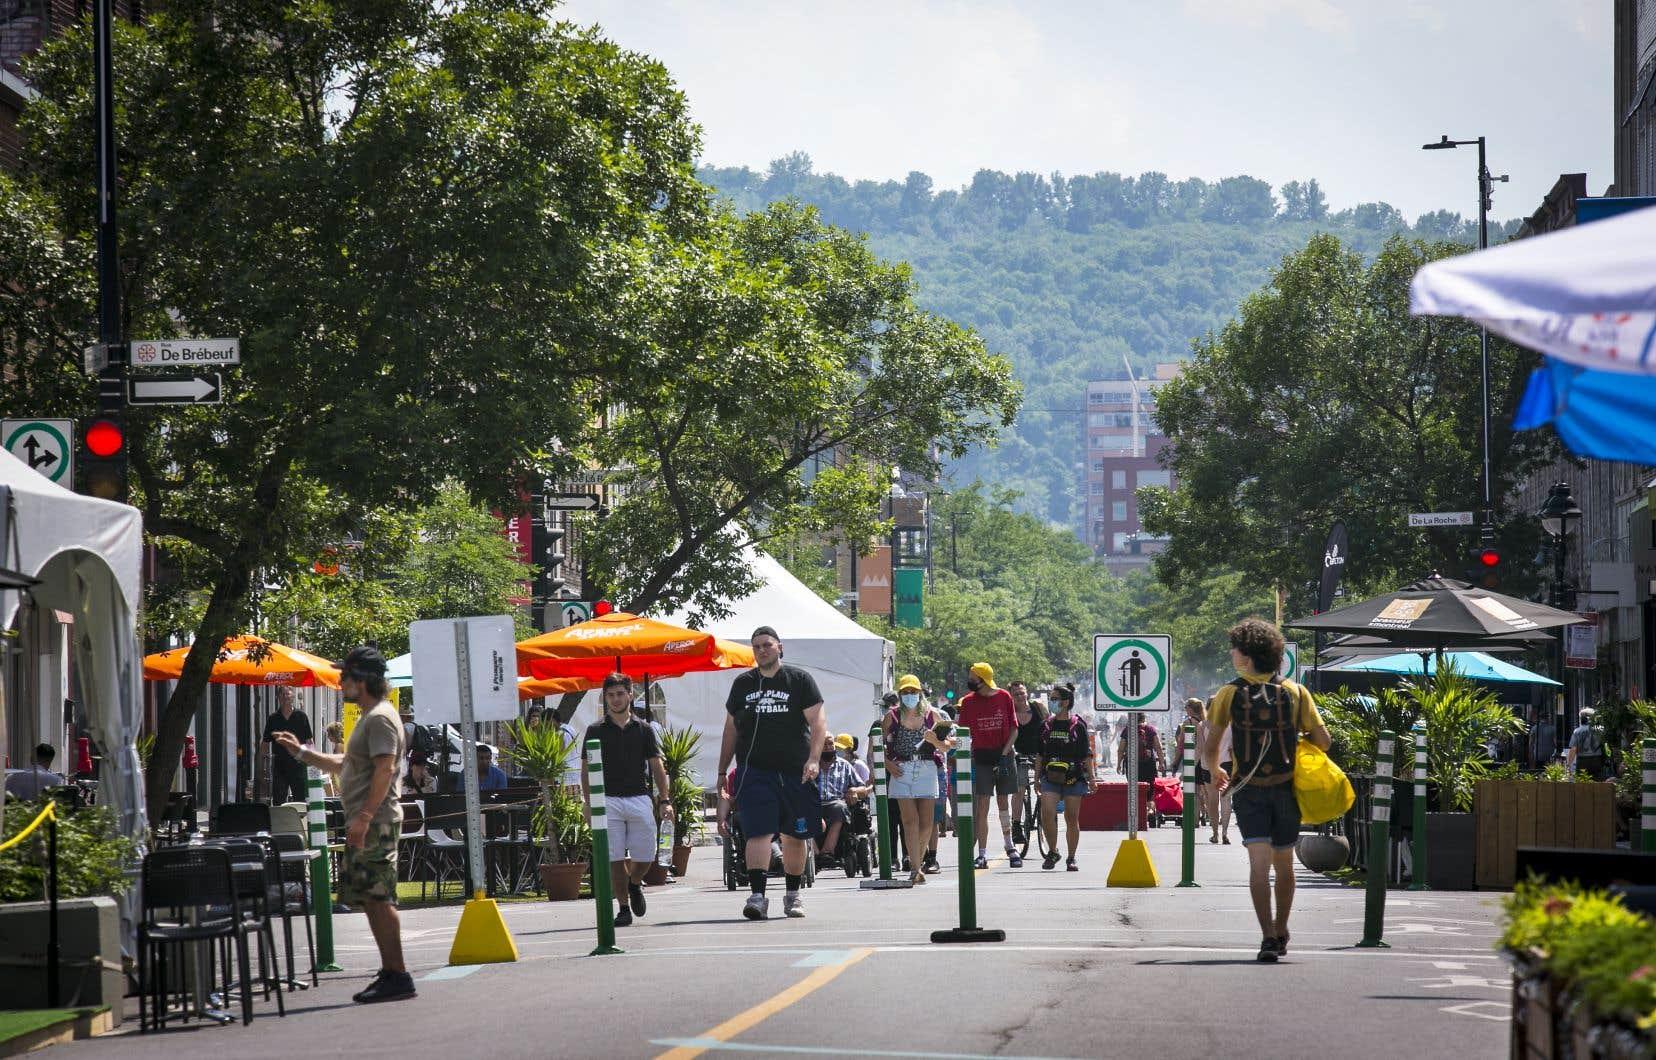 L'été dernier, afin de favoriser la distanciation physique, l'avenue du Mont-Royal, à Montréal, a été rendue entièrement piétonne.